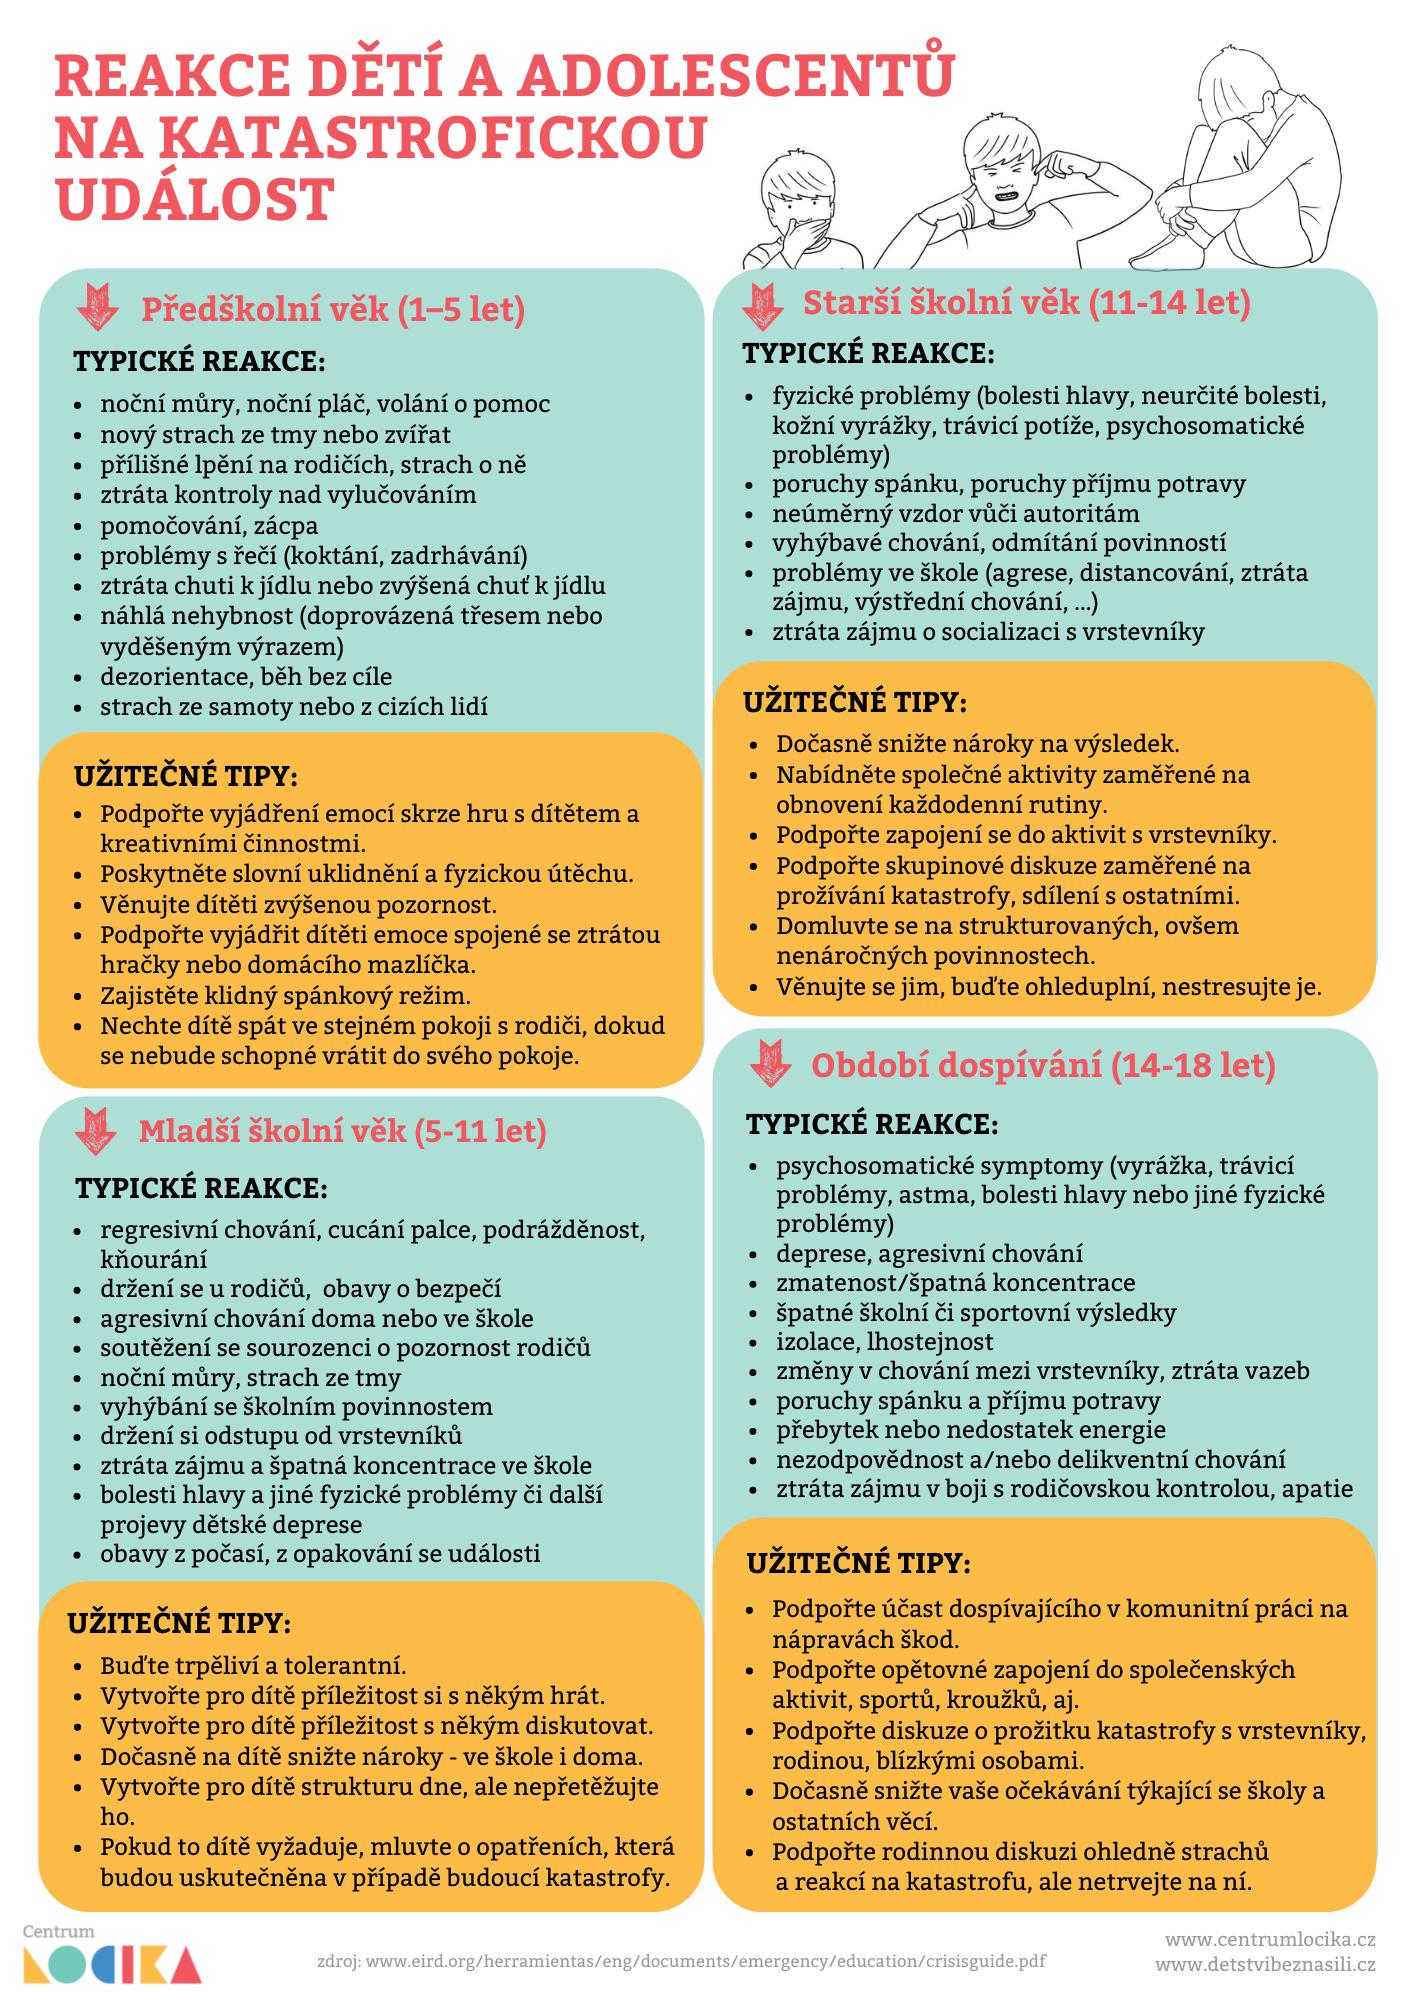 Přinášíme vám pár tipů, jak pečovat o duševní zdraví dítěte a jak mu pomoci.